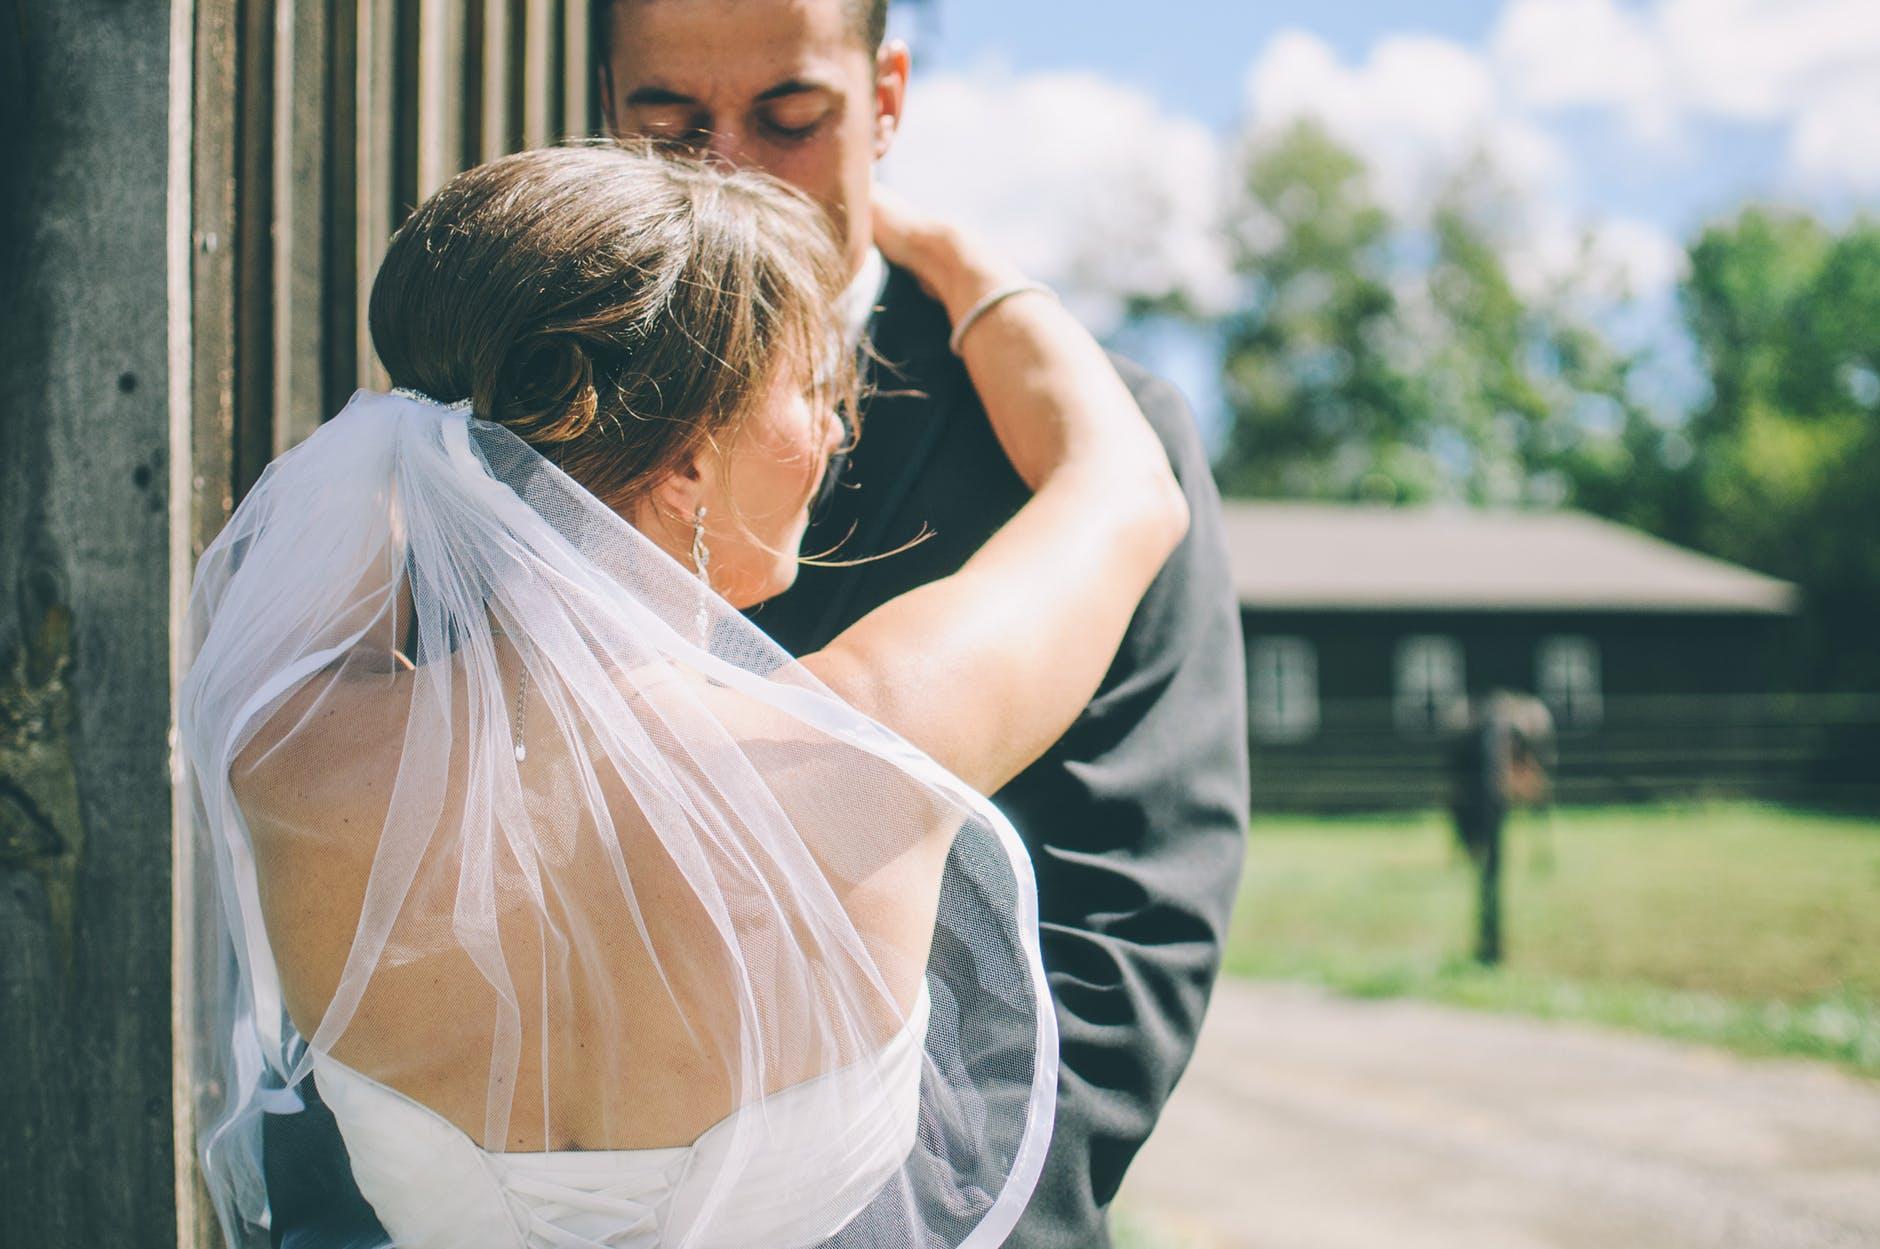 Belçikalı bir kızla evlenmek